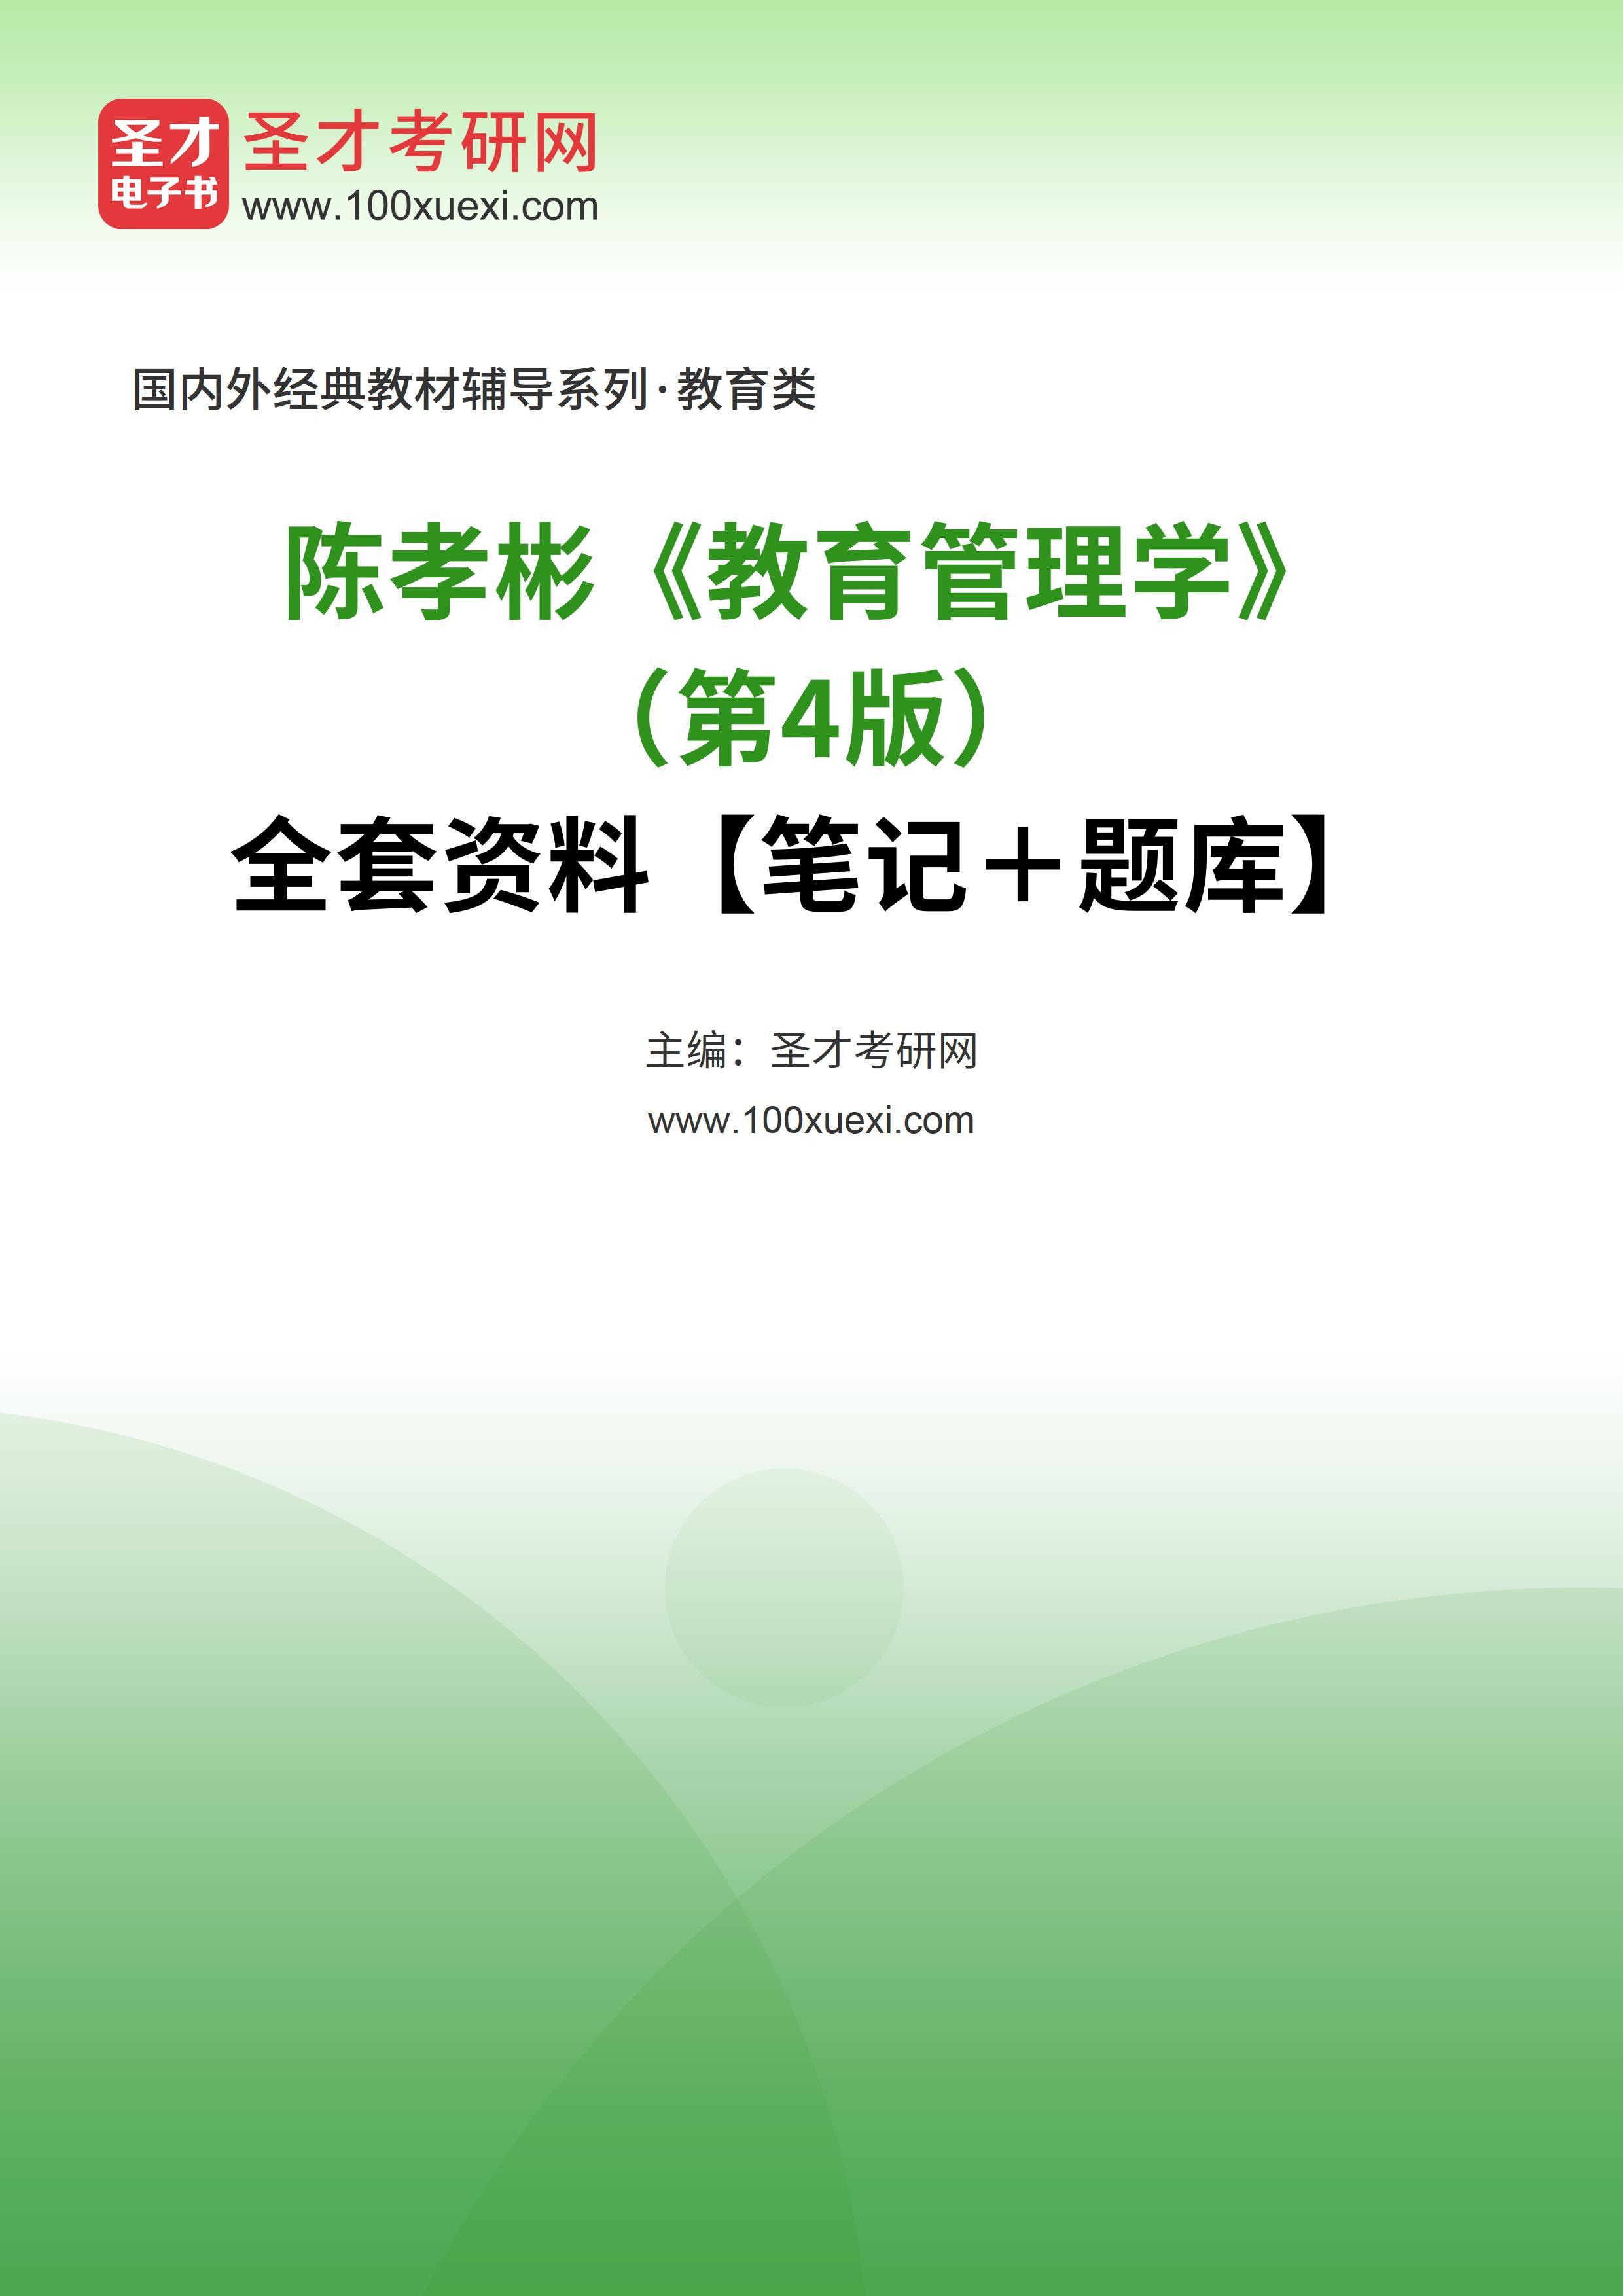 陈孝彬《教育管理学》(第4版)全套资料【笔记+题库】